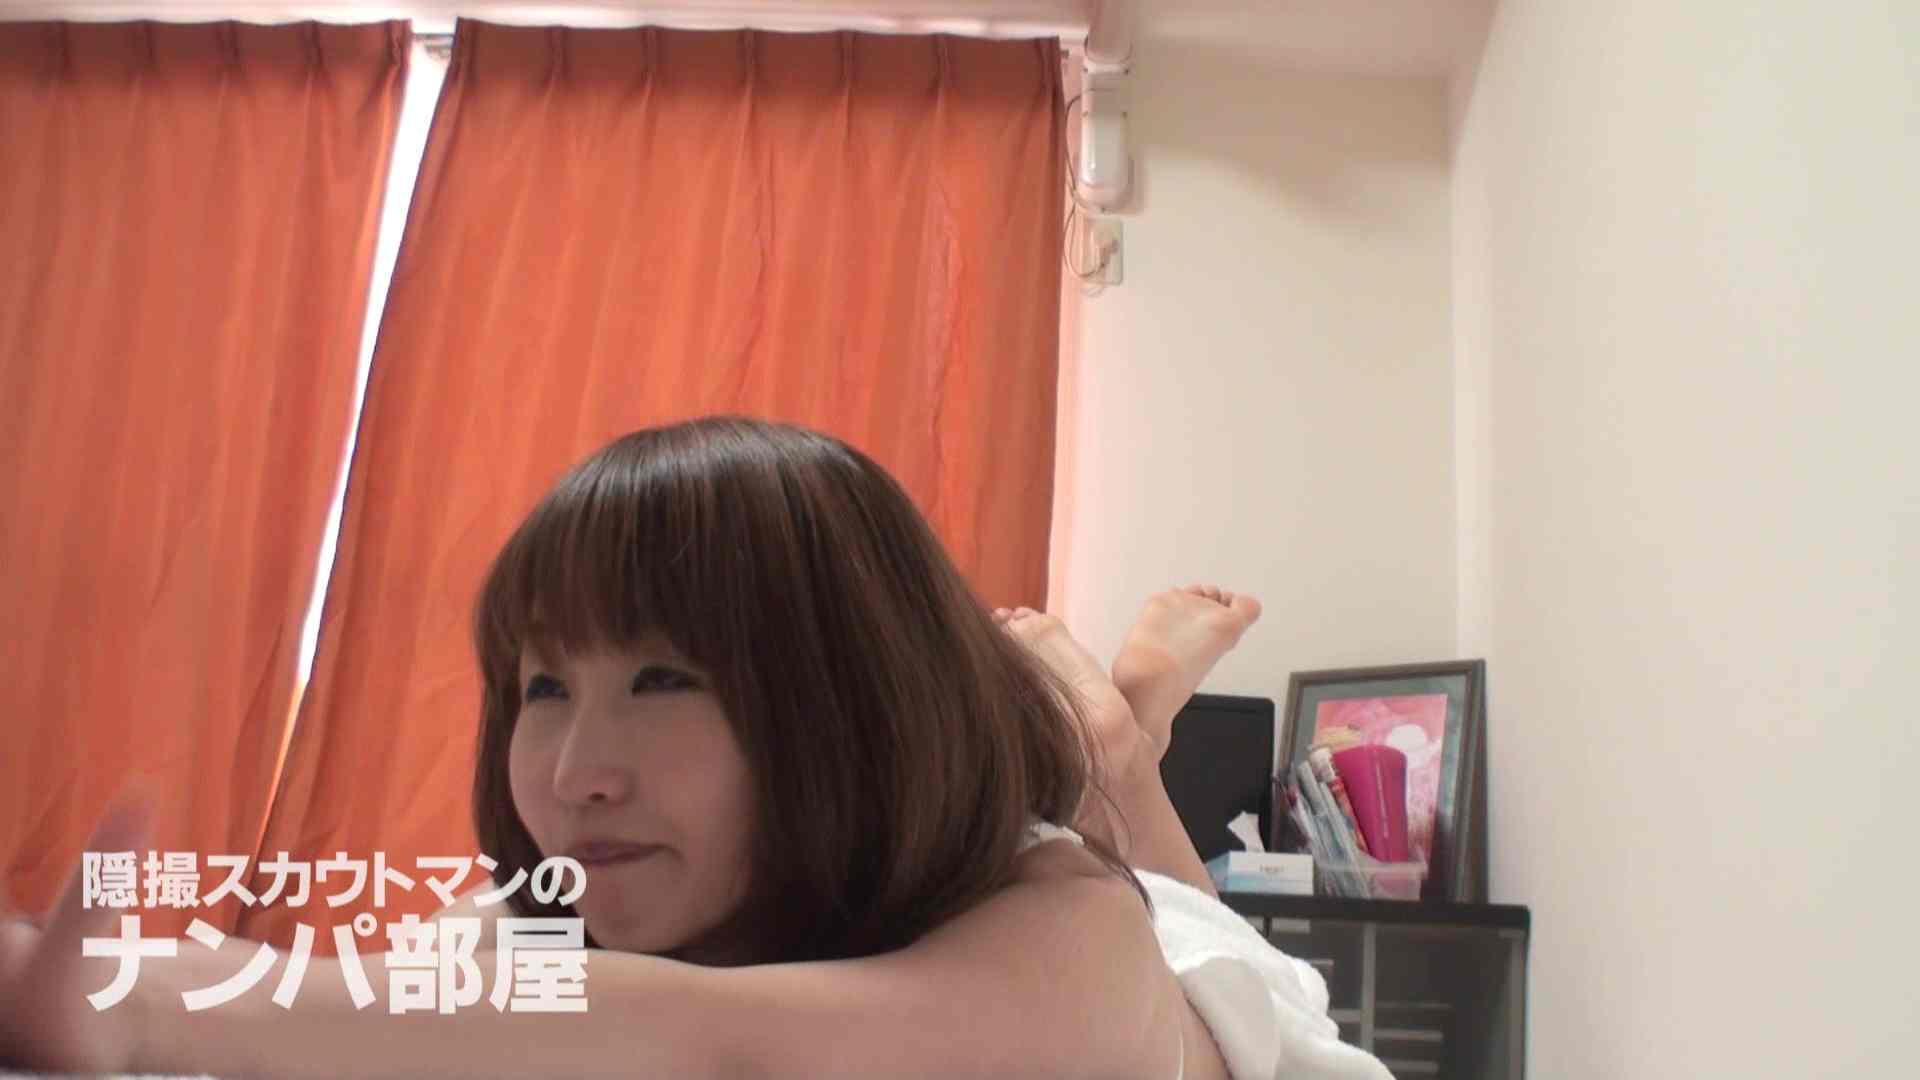 隠撮スカウトマンのナンパ部屋~風俗デビュー前のつまみ食い~ siivol.2 OL | 脱衣所  61連発 30